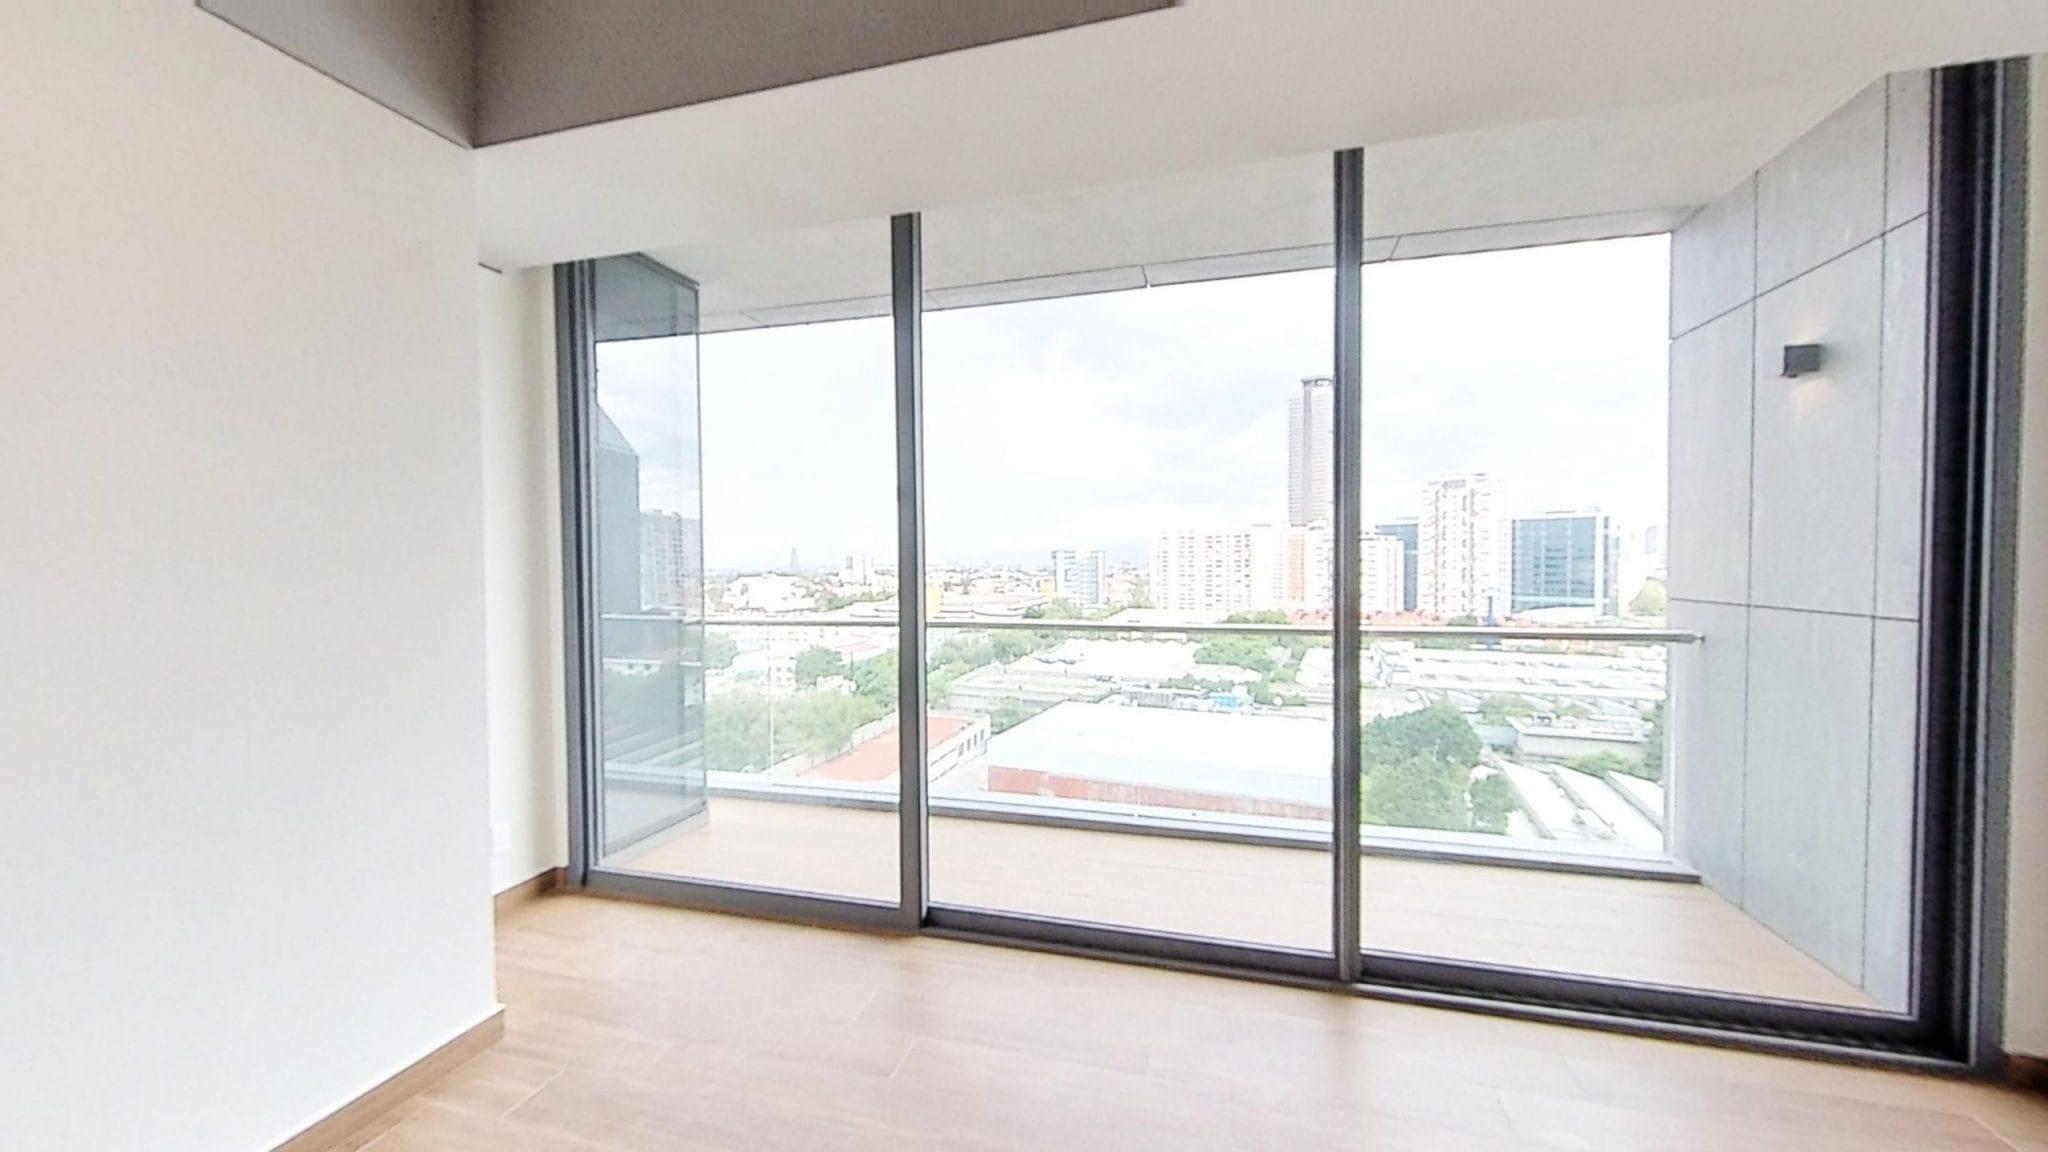 Venta departamento 3 recámaras en Be Grand Polanco Torre 3. Se encuentra en el piso 9